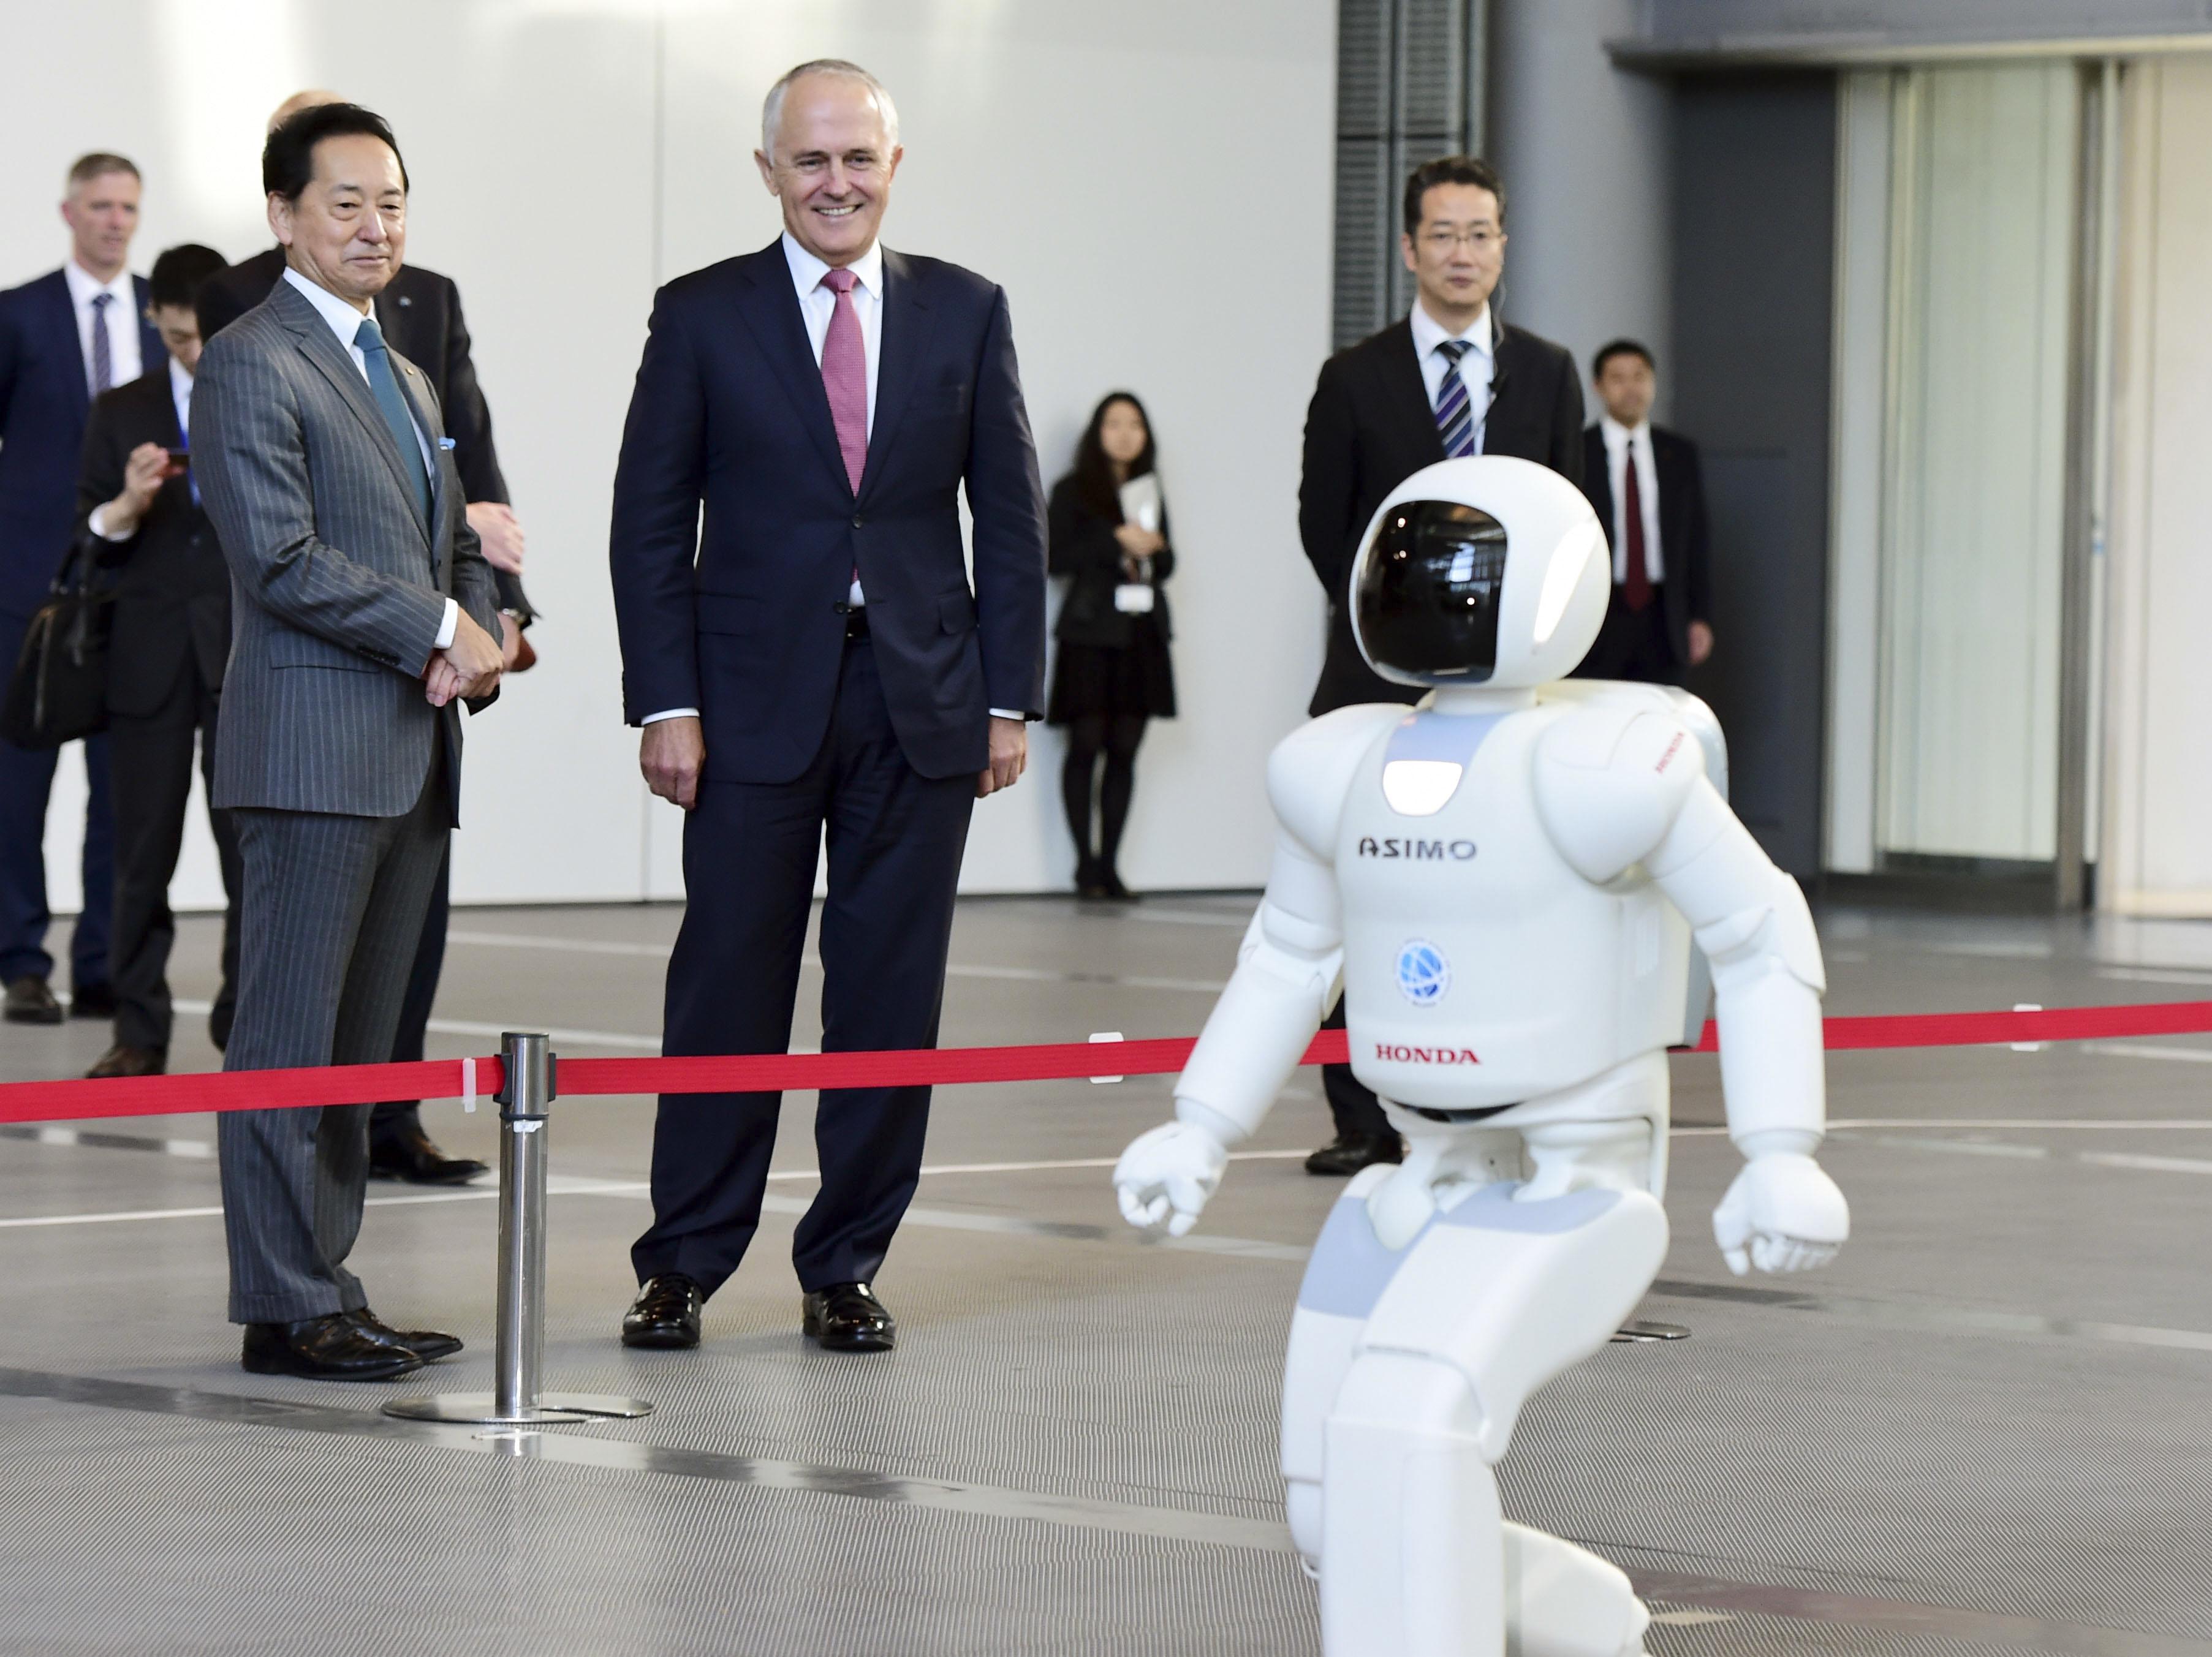 © Picture AllianceTokio, im Dezember 2015: Der australische Premierminister Malcolm Turnbull (2.v.l.) begrüßt seinen Politikerkollegen Asimo (vorne).